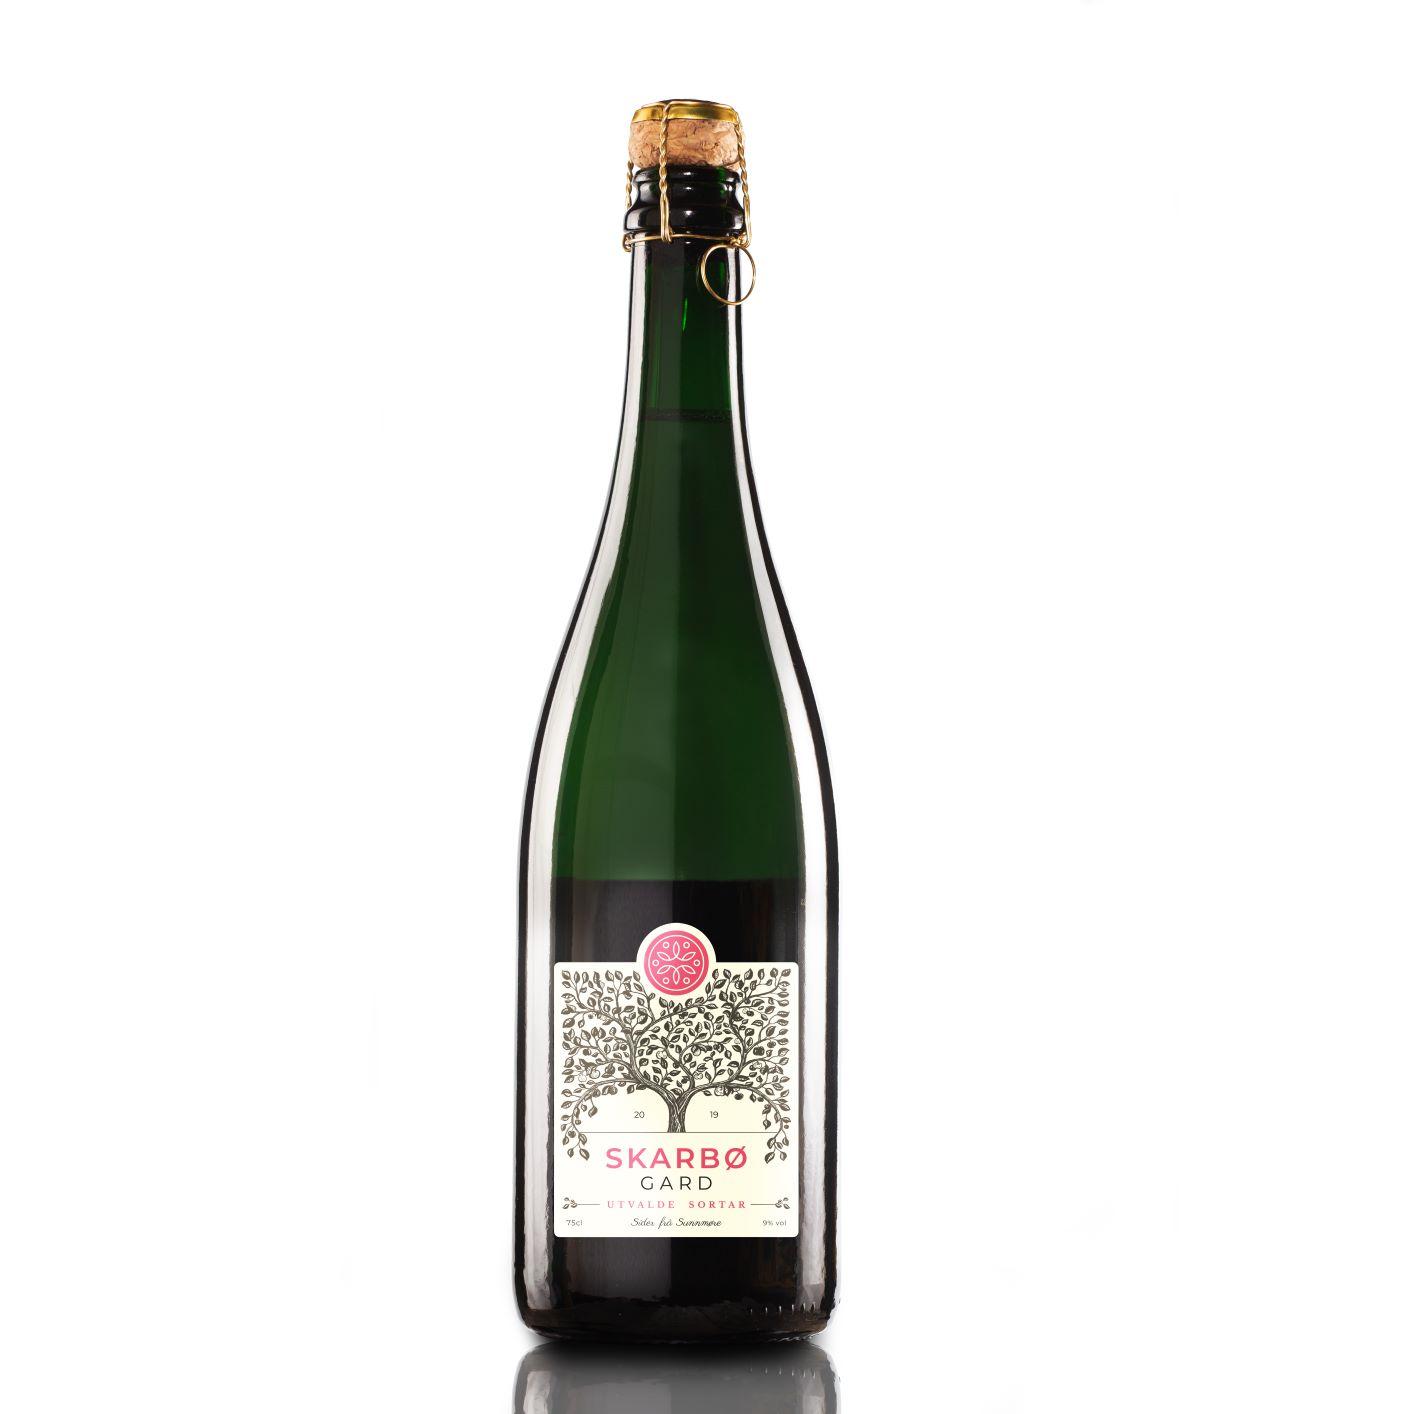 Flaske sider av utvalde, tradisjonelle eplesortar frå Skarbø. Bottle of cider from selected heirloom apple varieties.